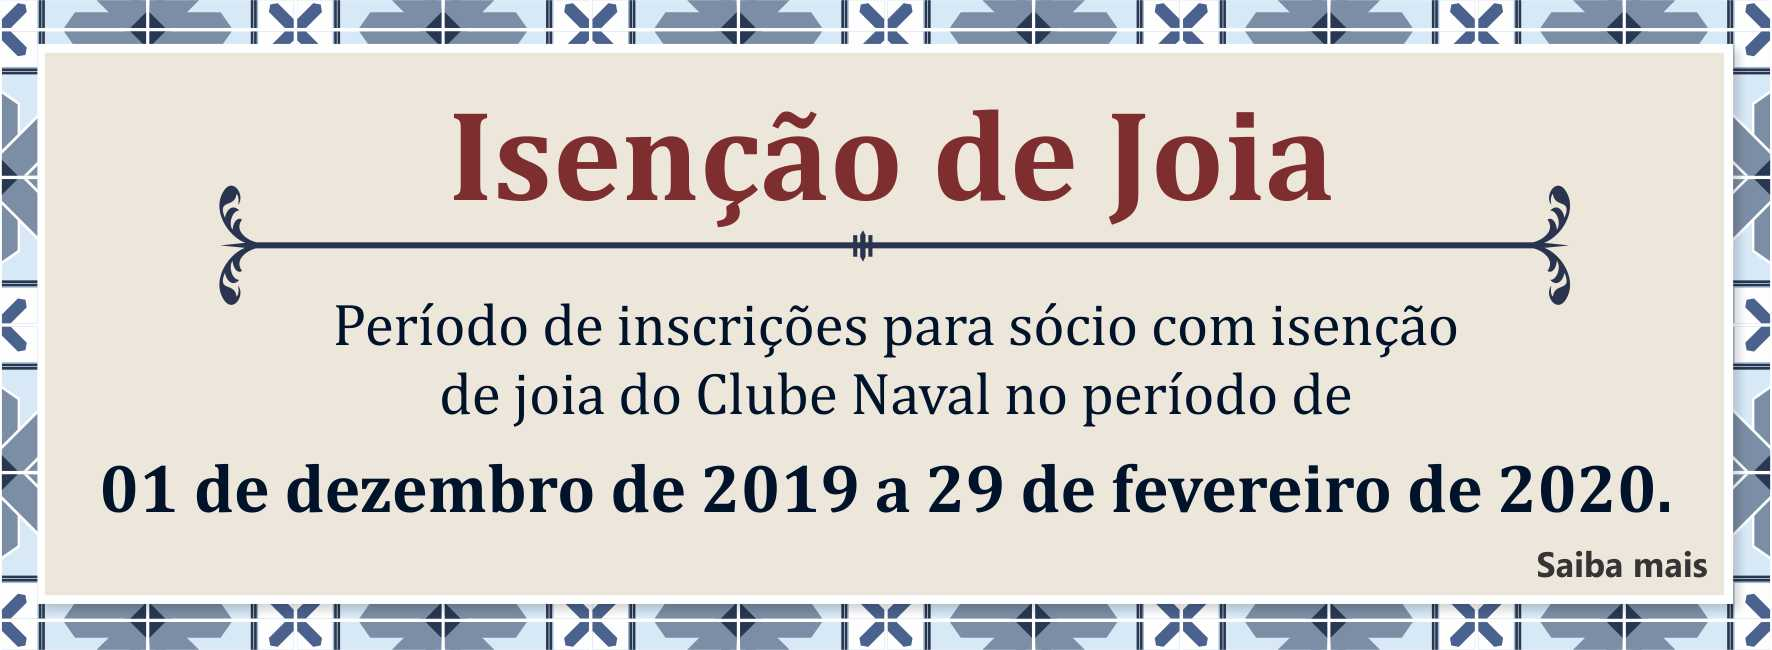 https://www.clubenaval.org.br/novo/?q=admiss%C3%A3o-com-isen%C3%A7%C3%A3o-de-joia-5